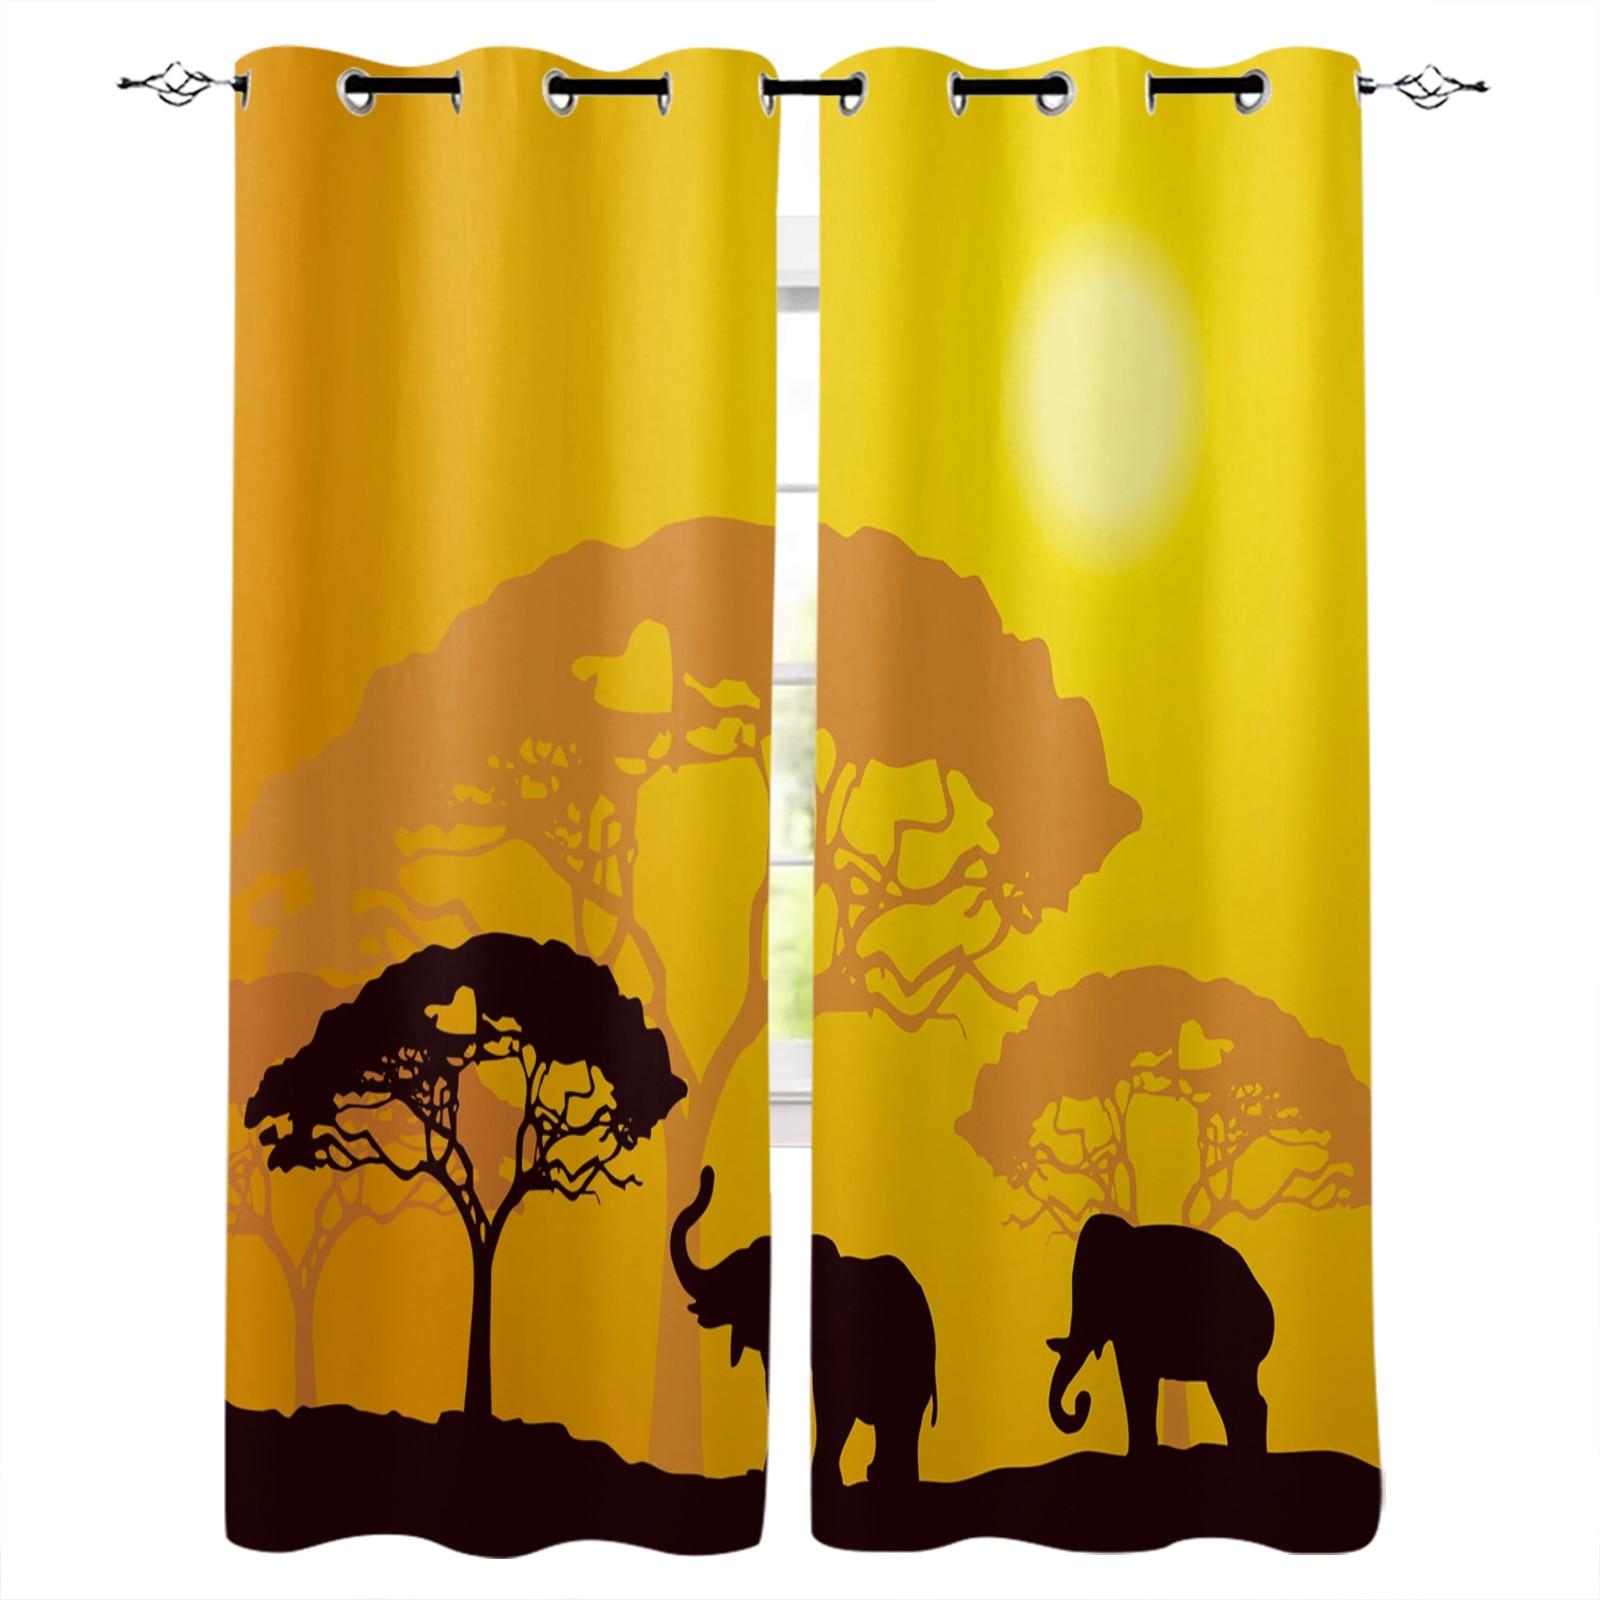 الفيل الأفريقي الغابات الغابة الصور الظلية الستار للمطبخ غرفة المعيشة غرفة نوم الستائر ديكور المنزل أشكال عرض النوافذ الستائر